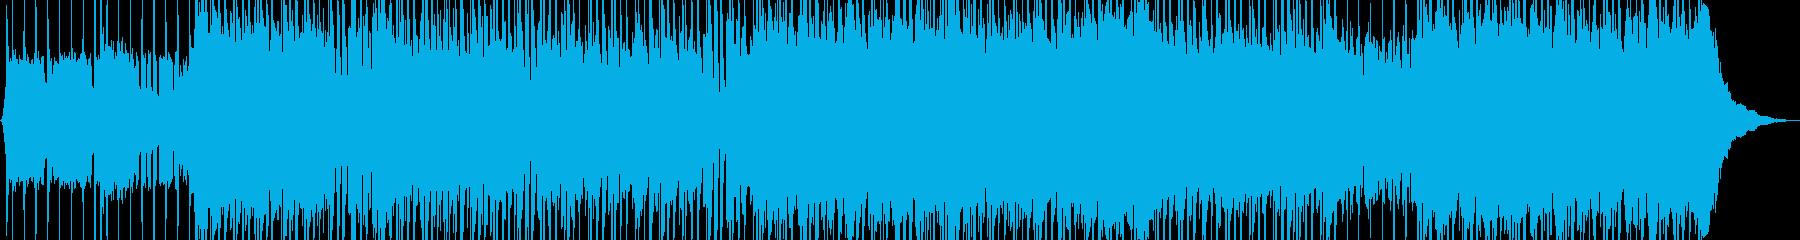 超高揚パンクを運転するの再生済みの波形